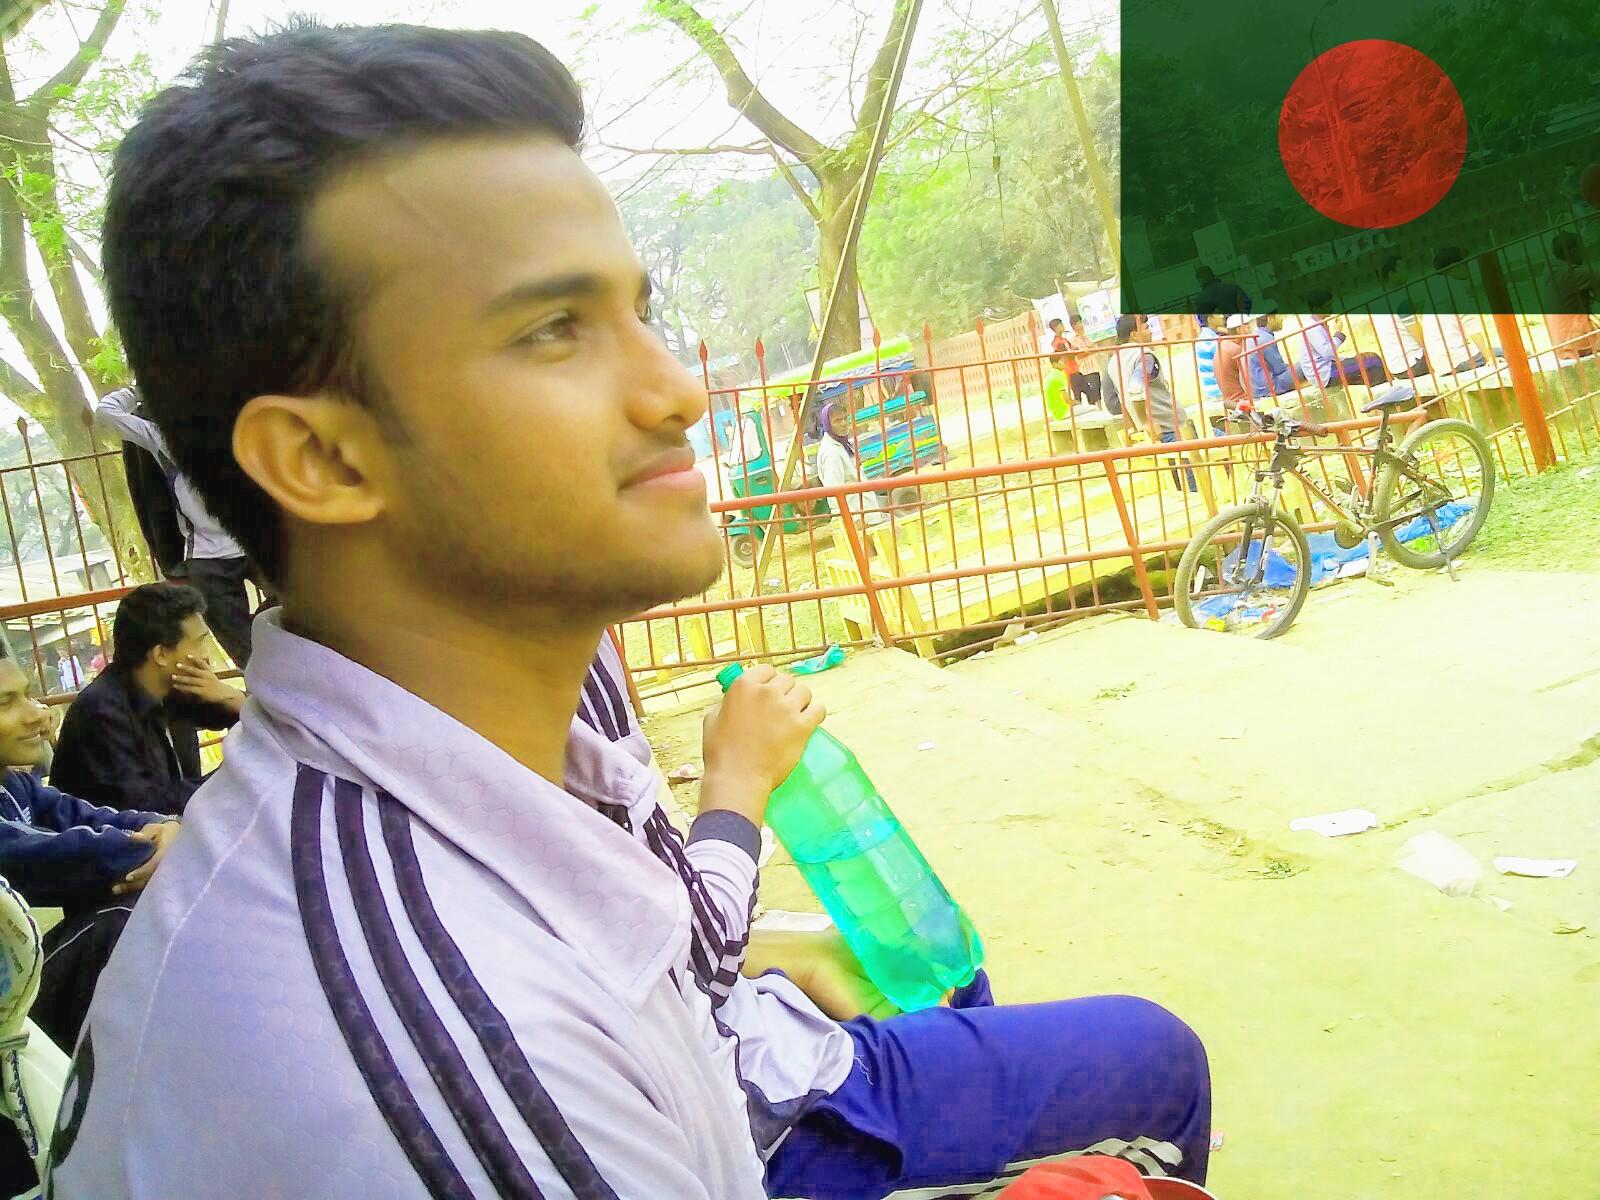 Mahdi Hasan Anwar